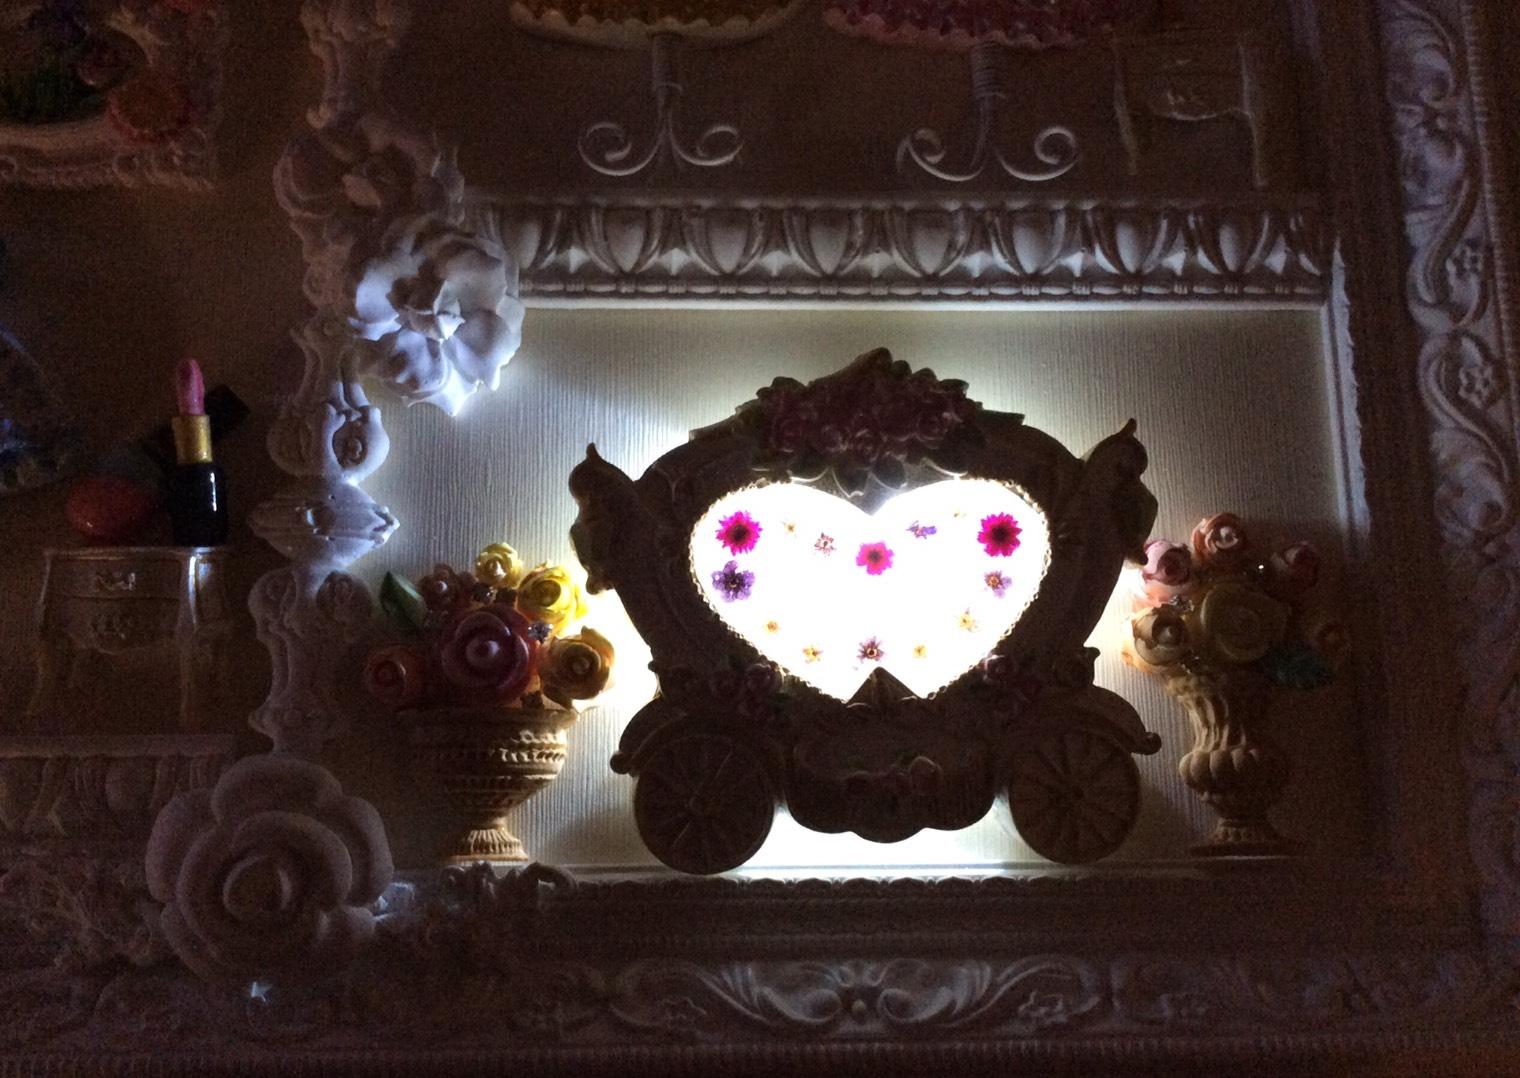 馬車の中にはレジンガラス加工押し花挿入LED電気を埋め込みました